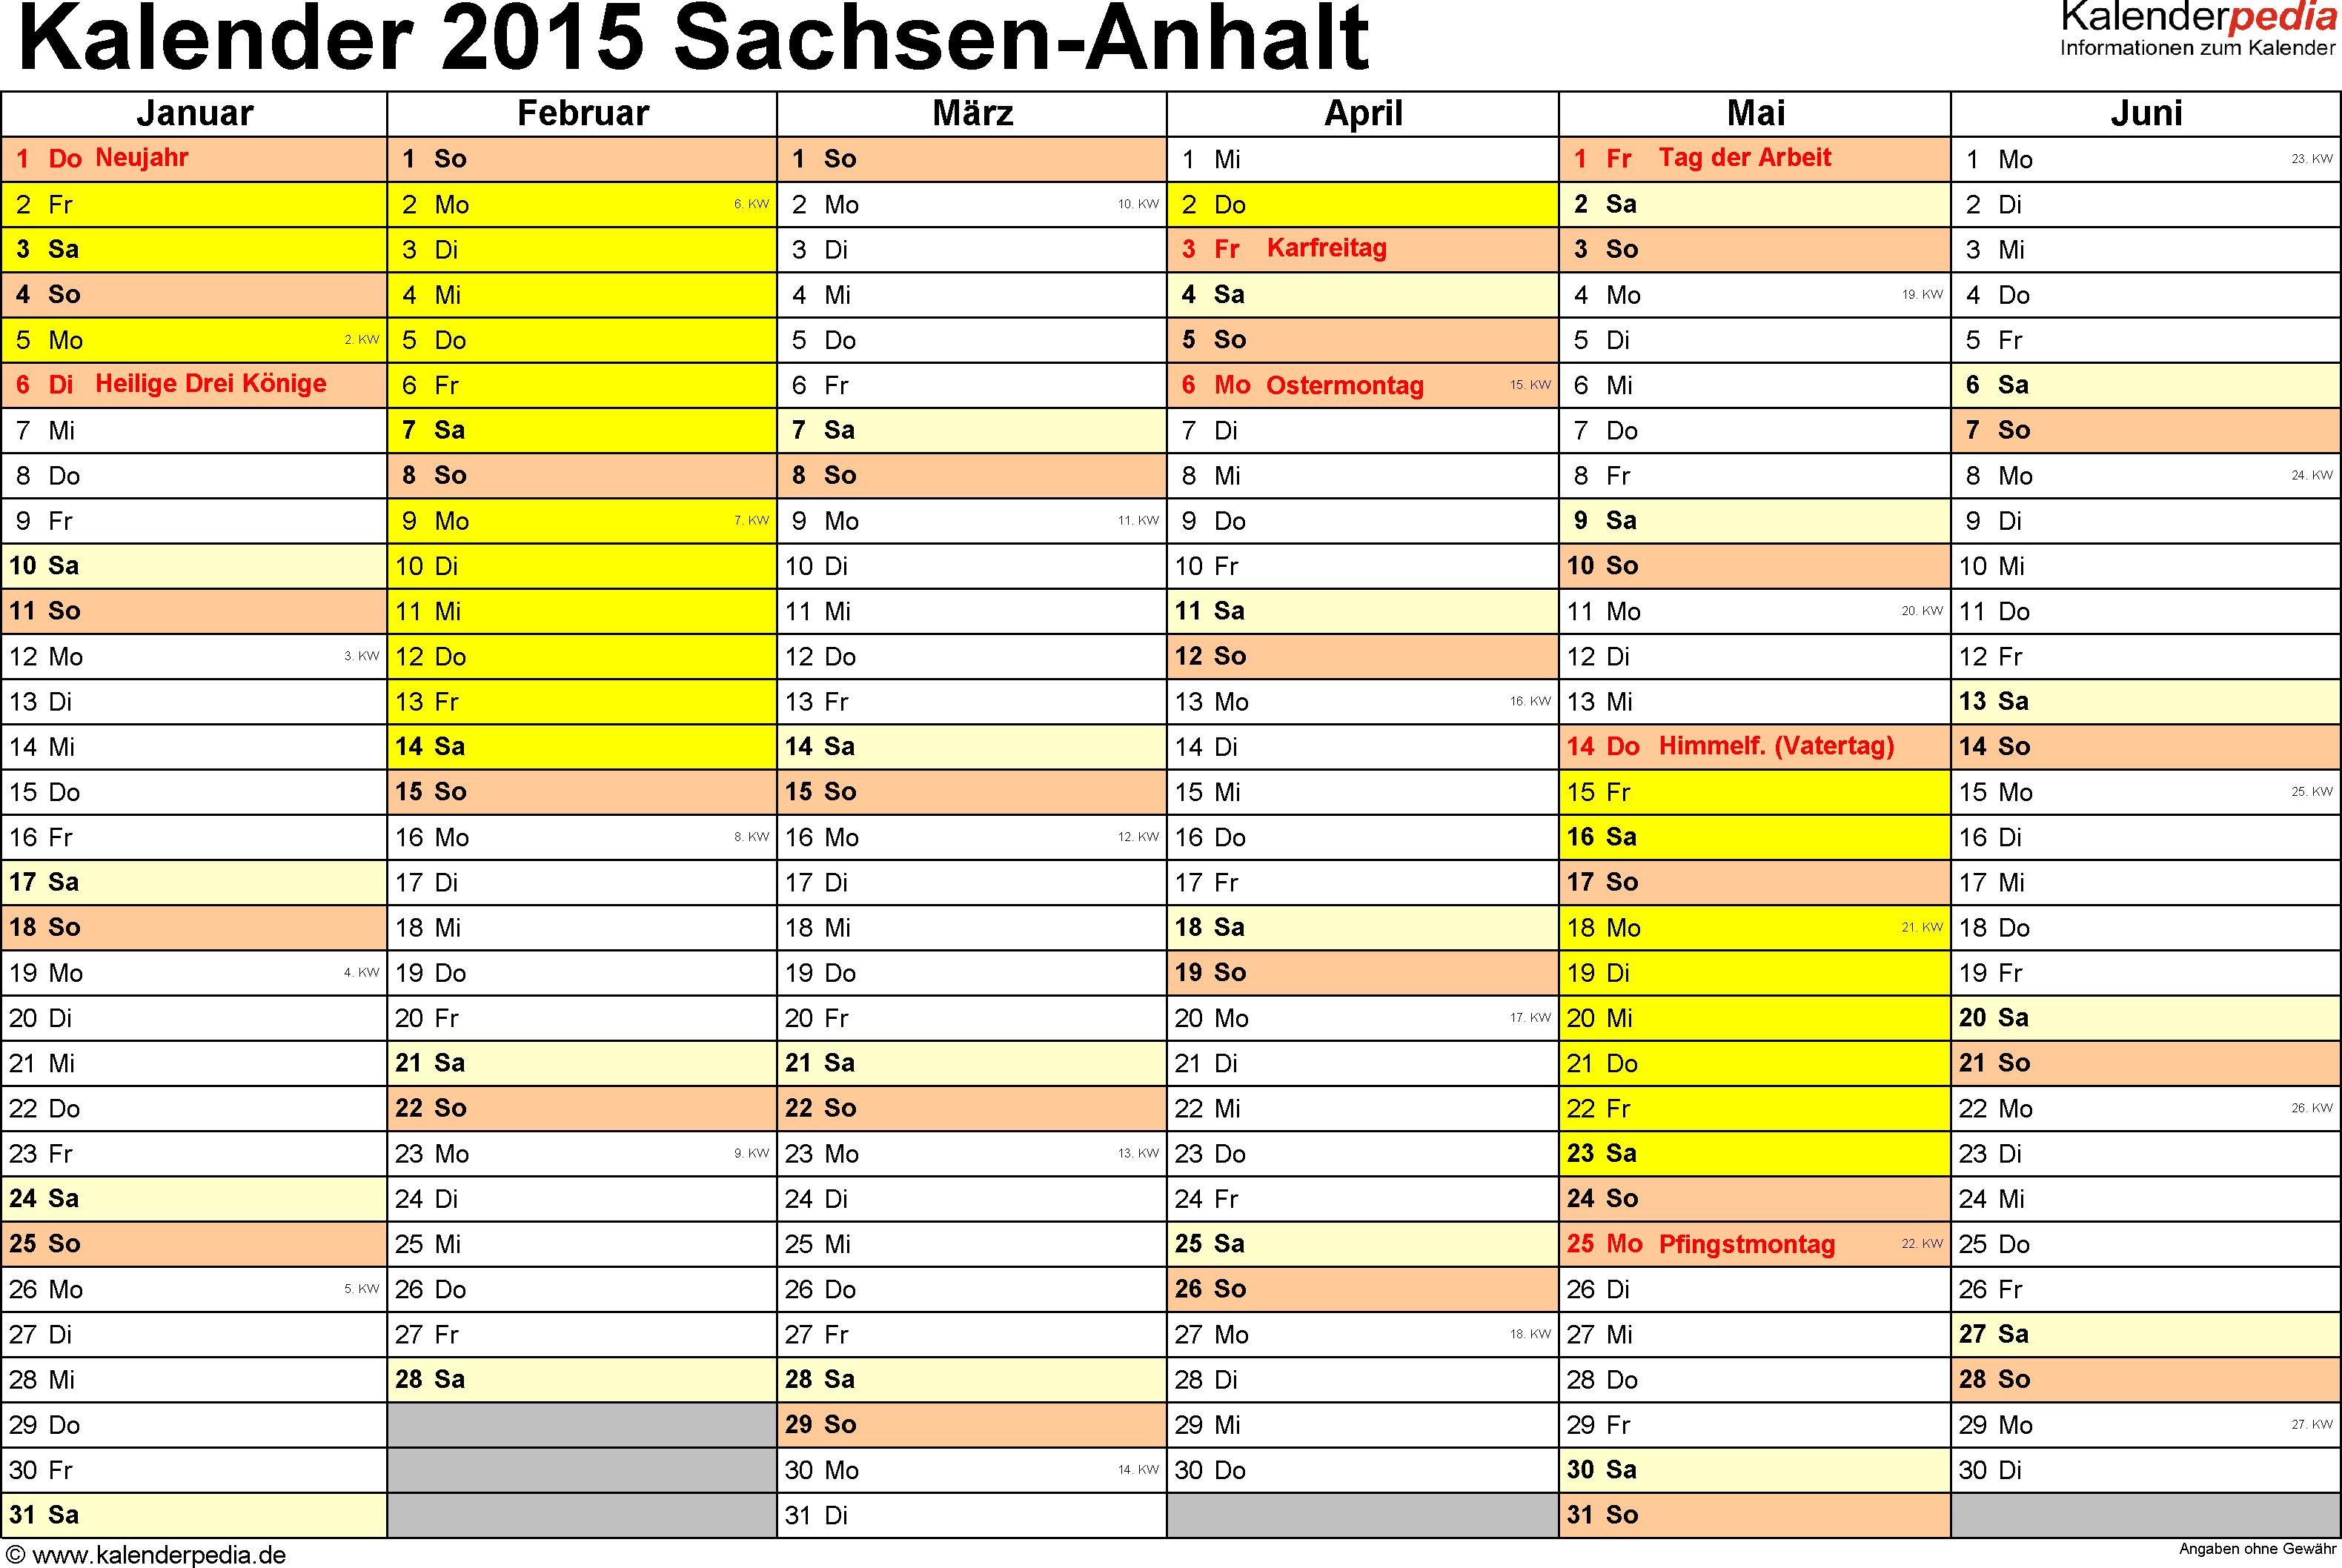 Vorlage 2: Kalender 2015 für Sachsen-Anhalt als PDF-Vorlage (Querformat, 2 Seiten)